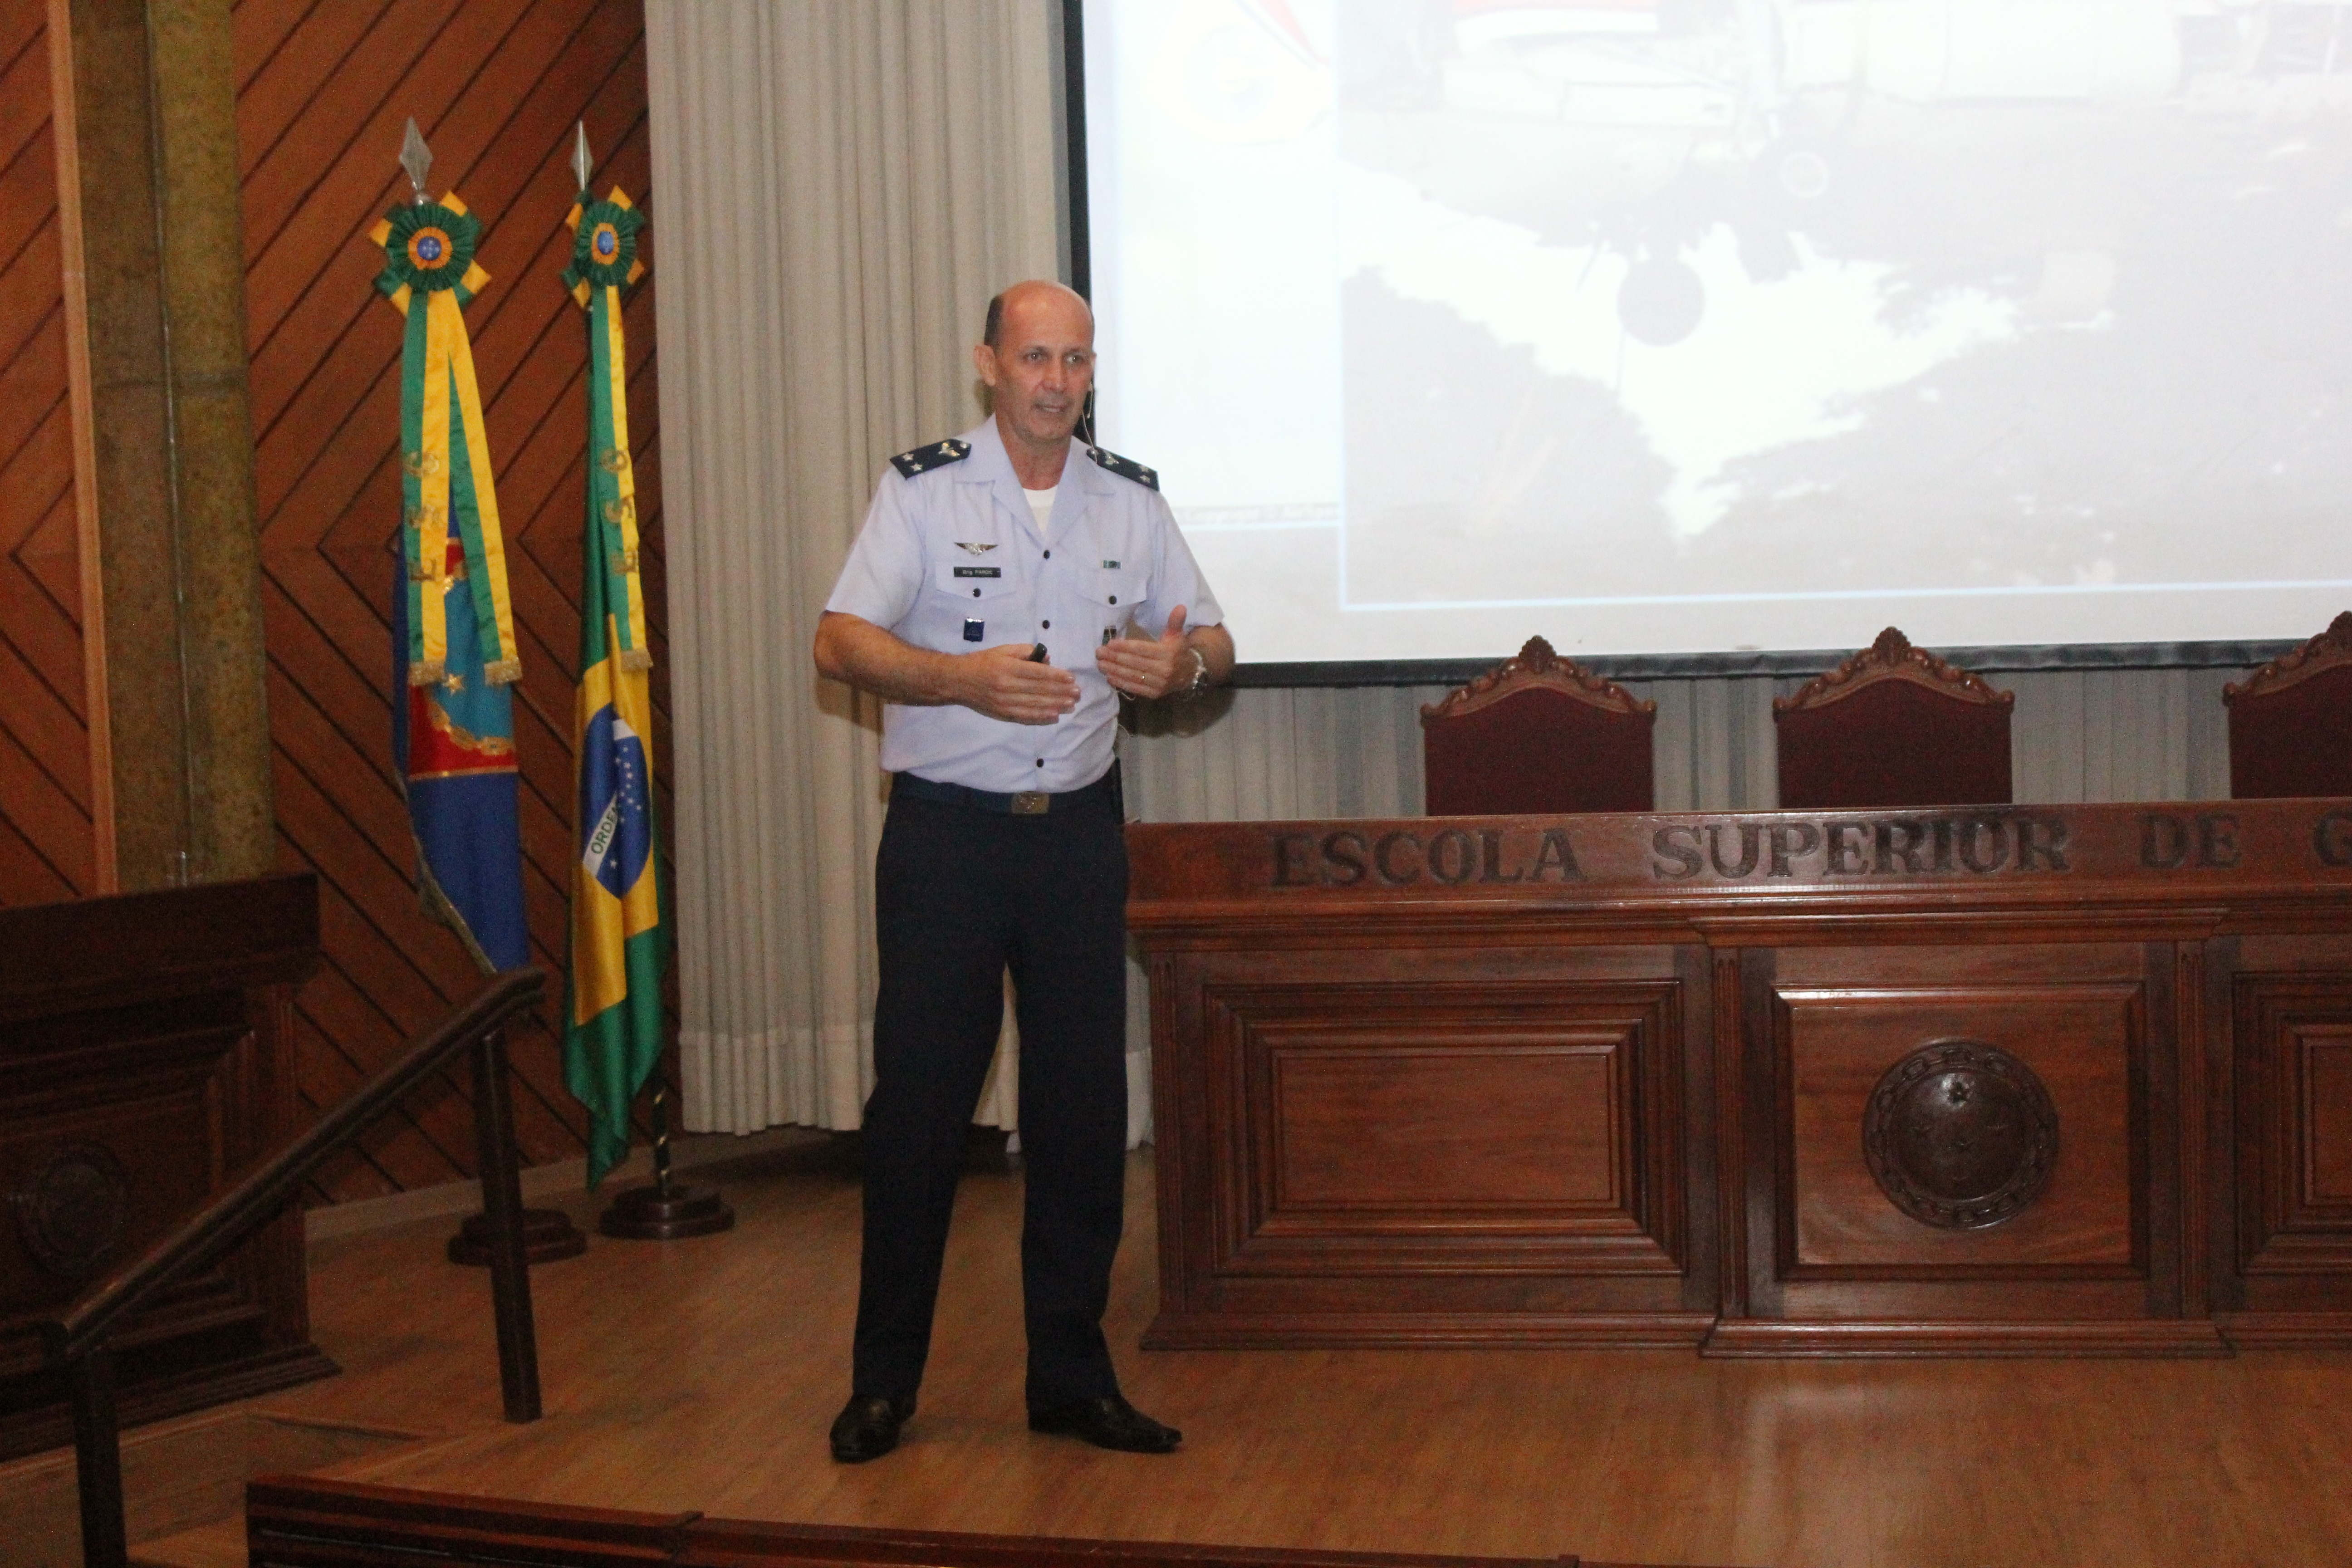 ESG Comemora Dia do Aviador e da Força Aérea Brasileira